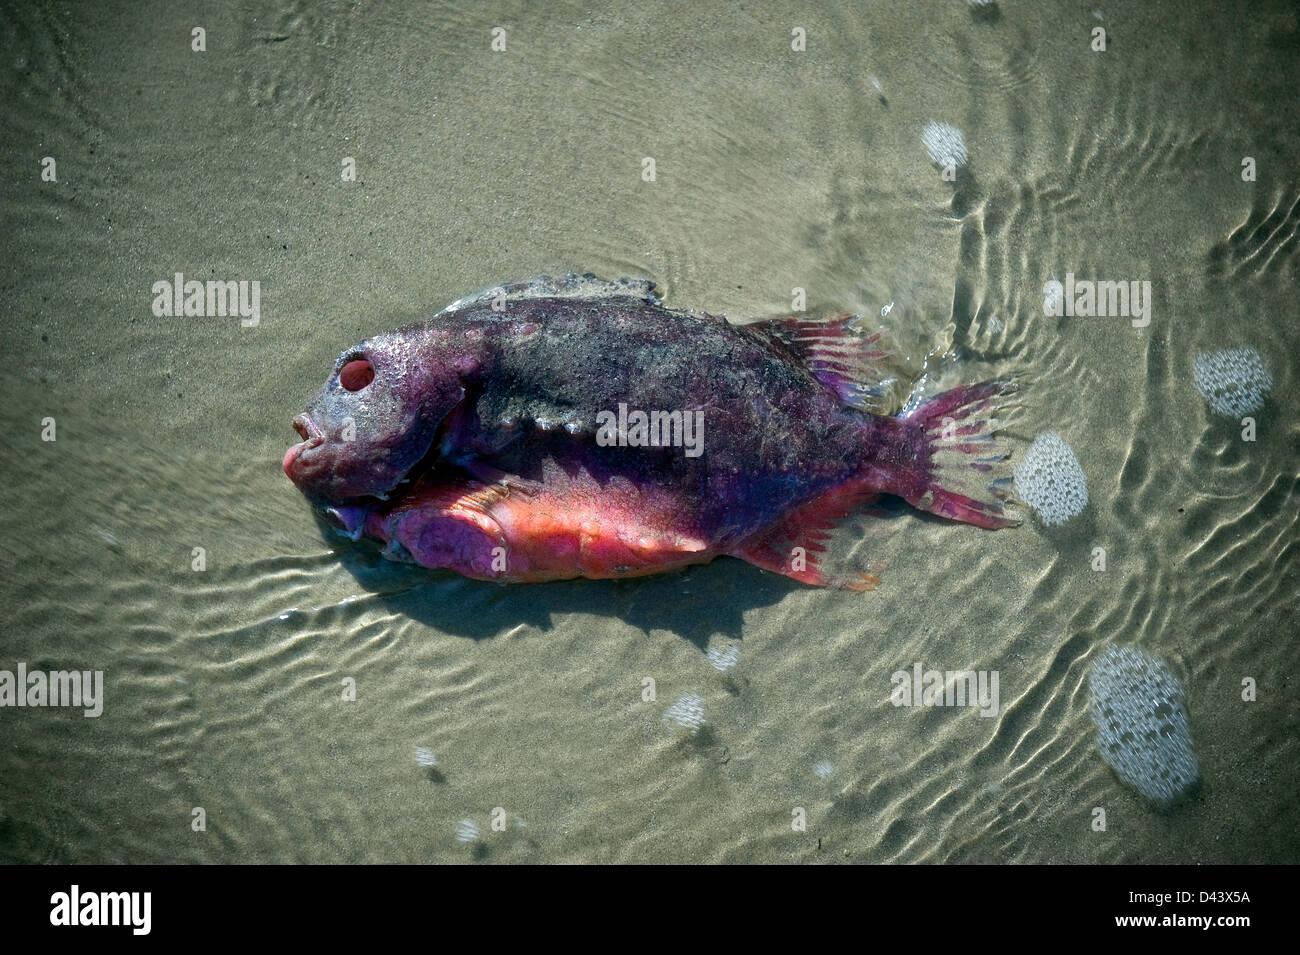 Strange fish washed up on Worthing beach, West Sussex, UK ...